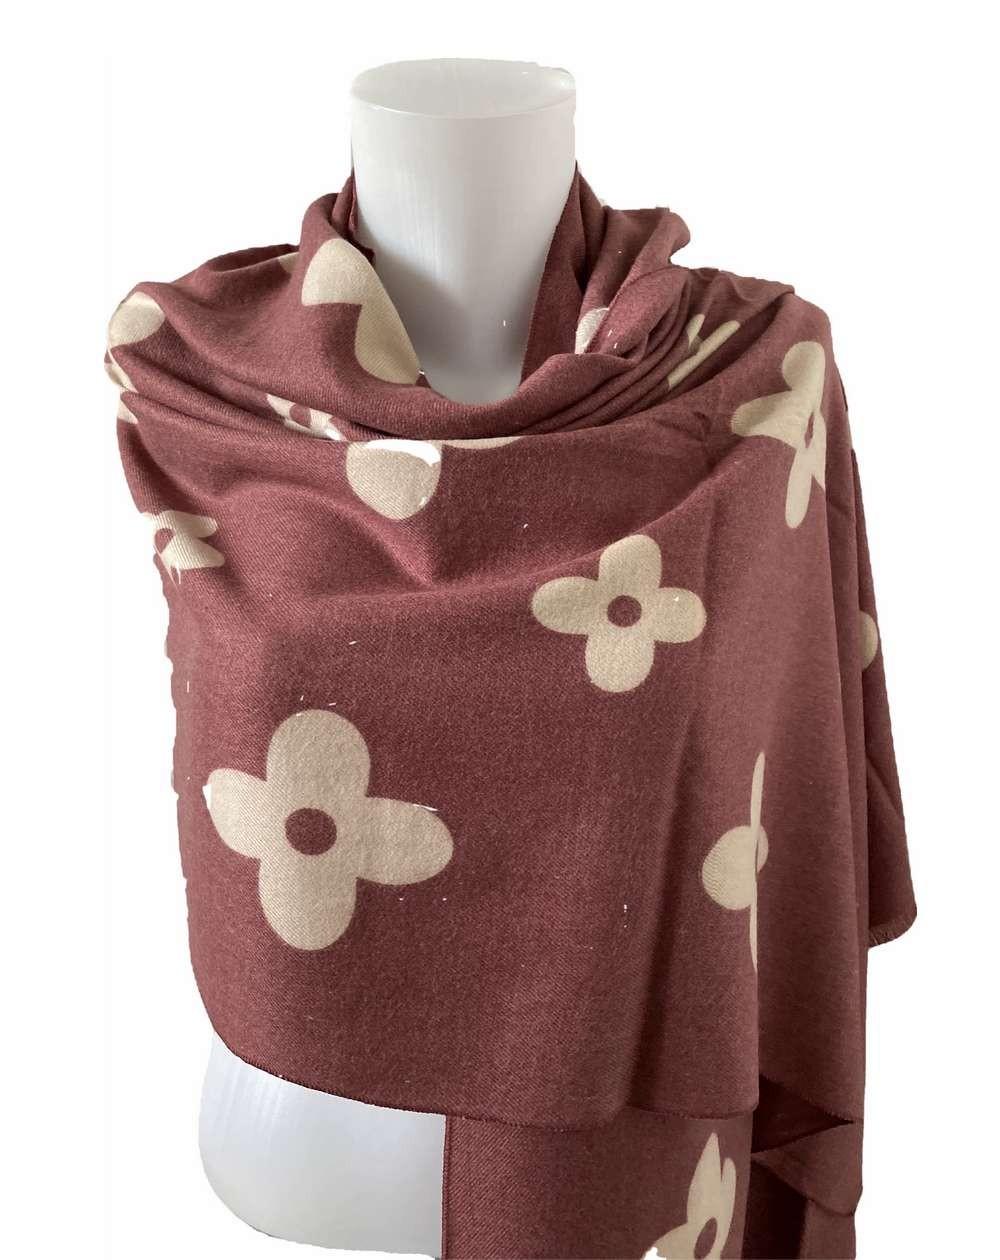 Étole à motifs beiges sur fond vieux rose foncé en pure laine vierge